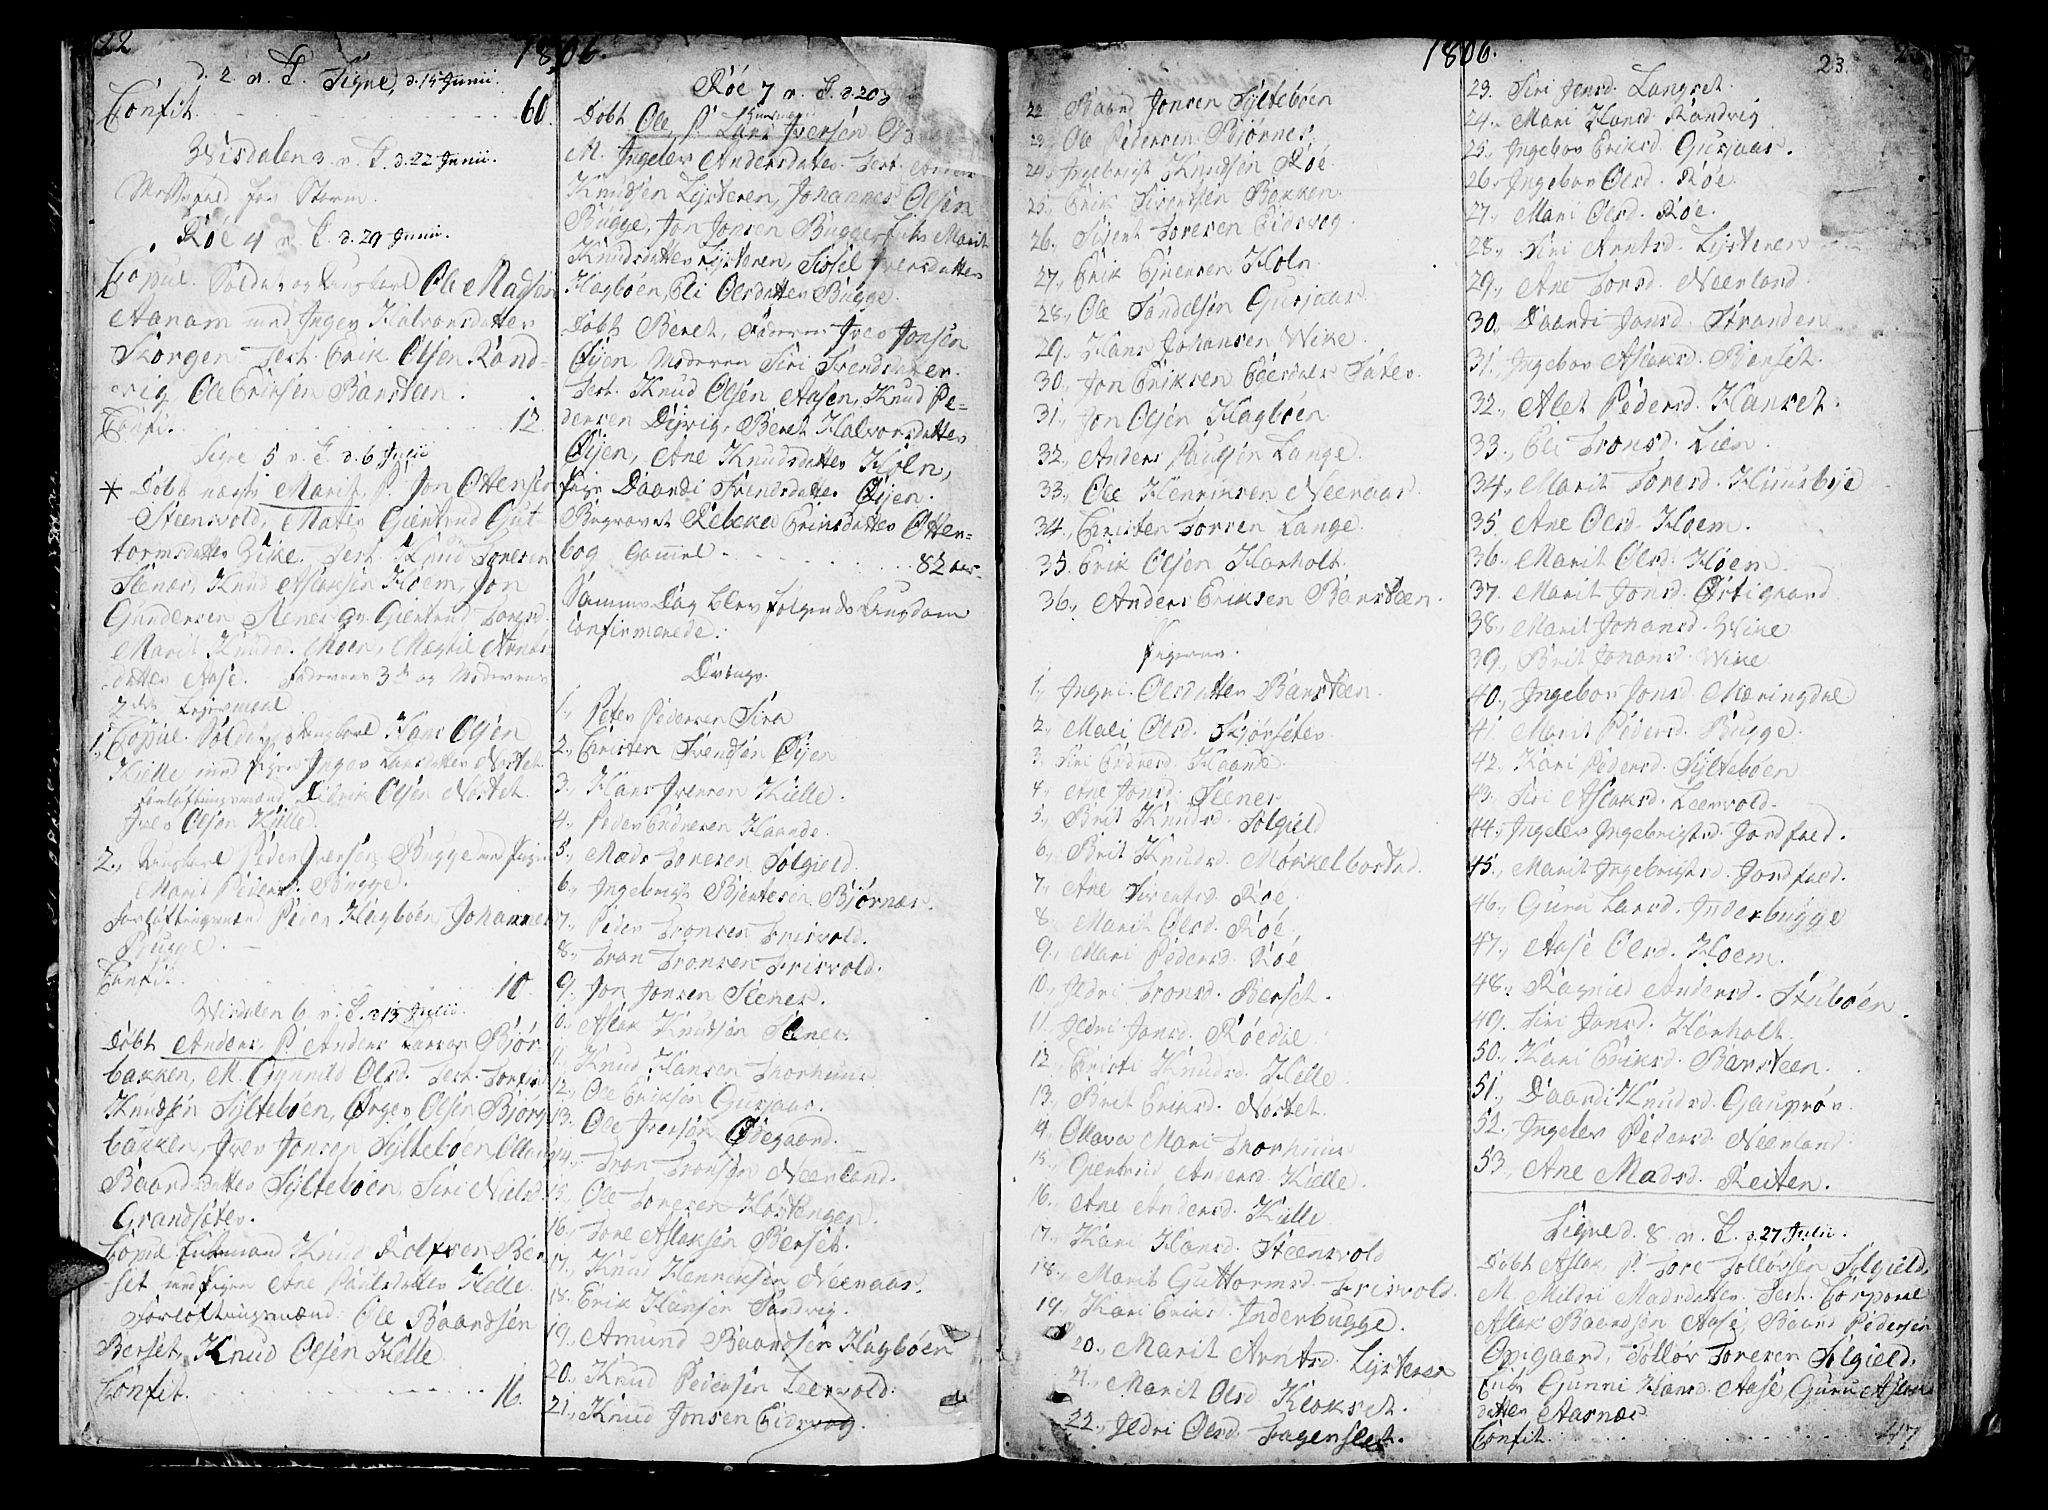 SAT, Ministerialprotokoller, klokkerbøker og fødselsregistre - Møre og Romsdal, 551/L0622: Parish register (official) no. 551A02, 1804-1845, p. 22-23